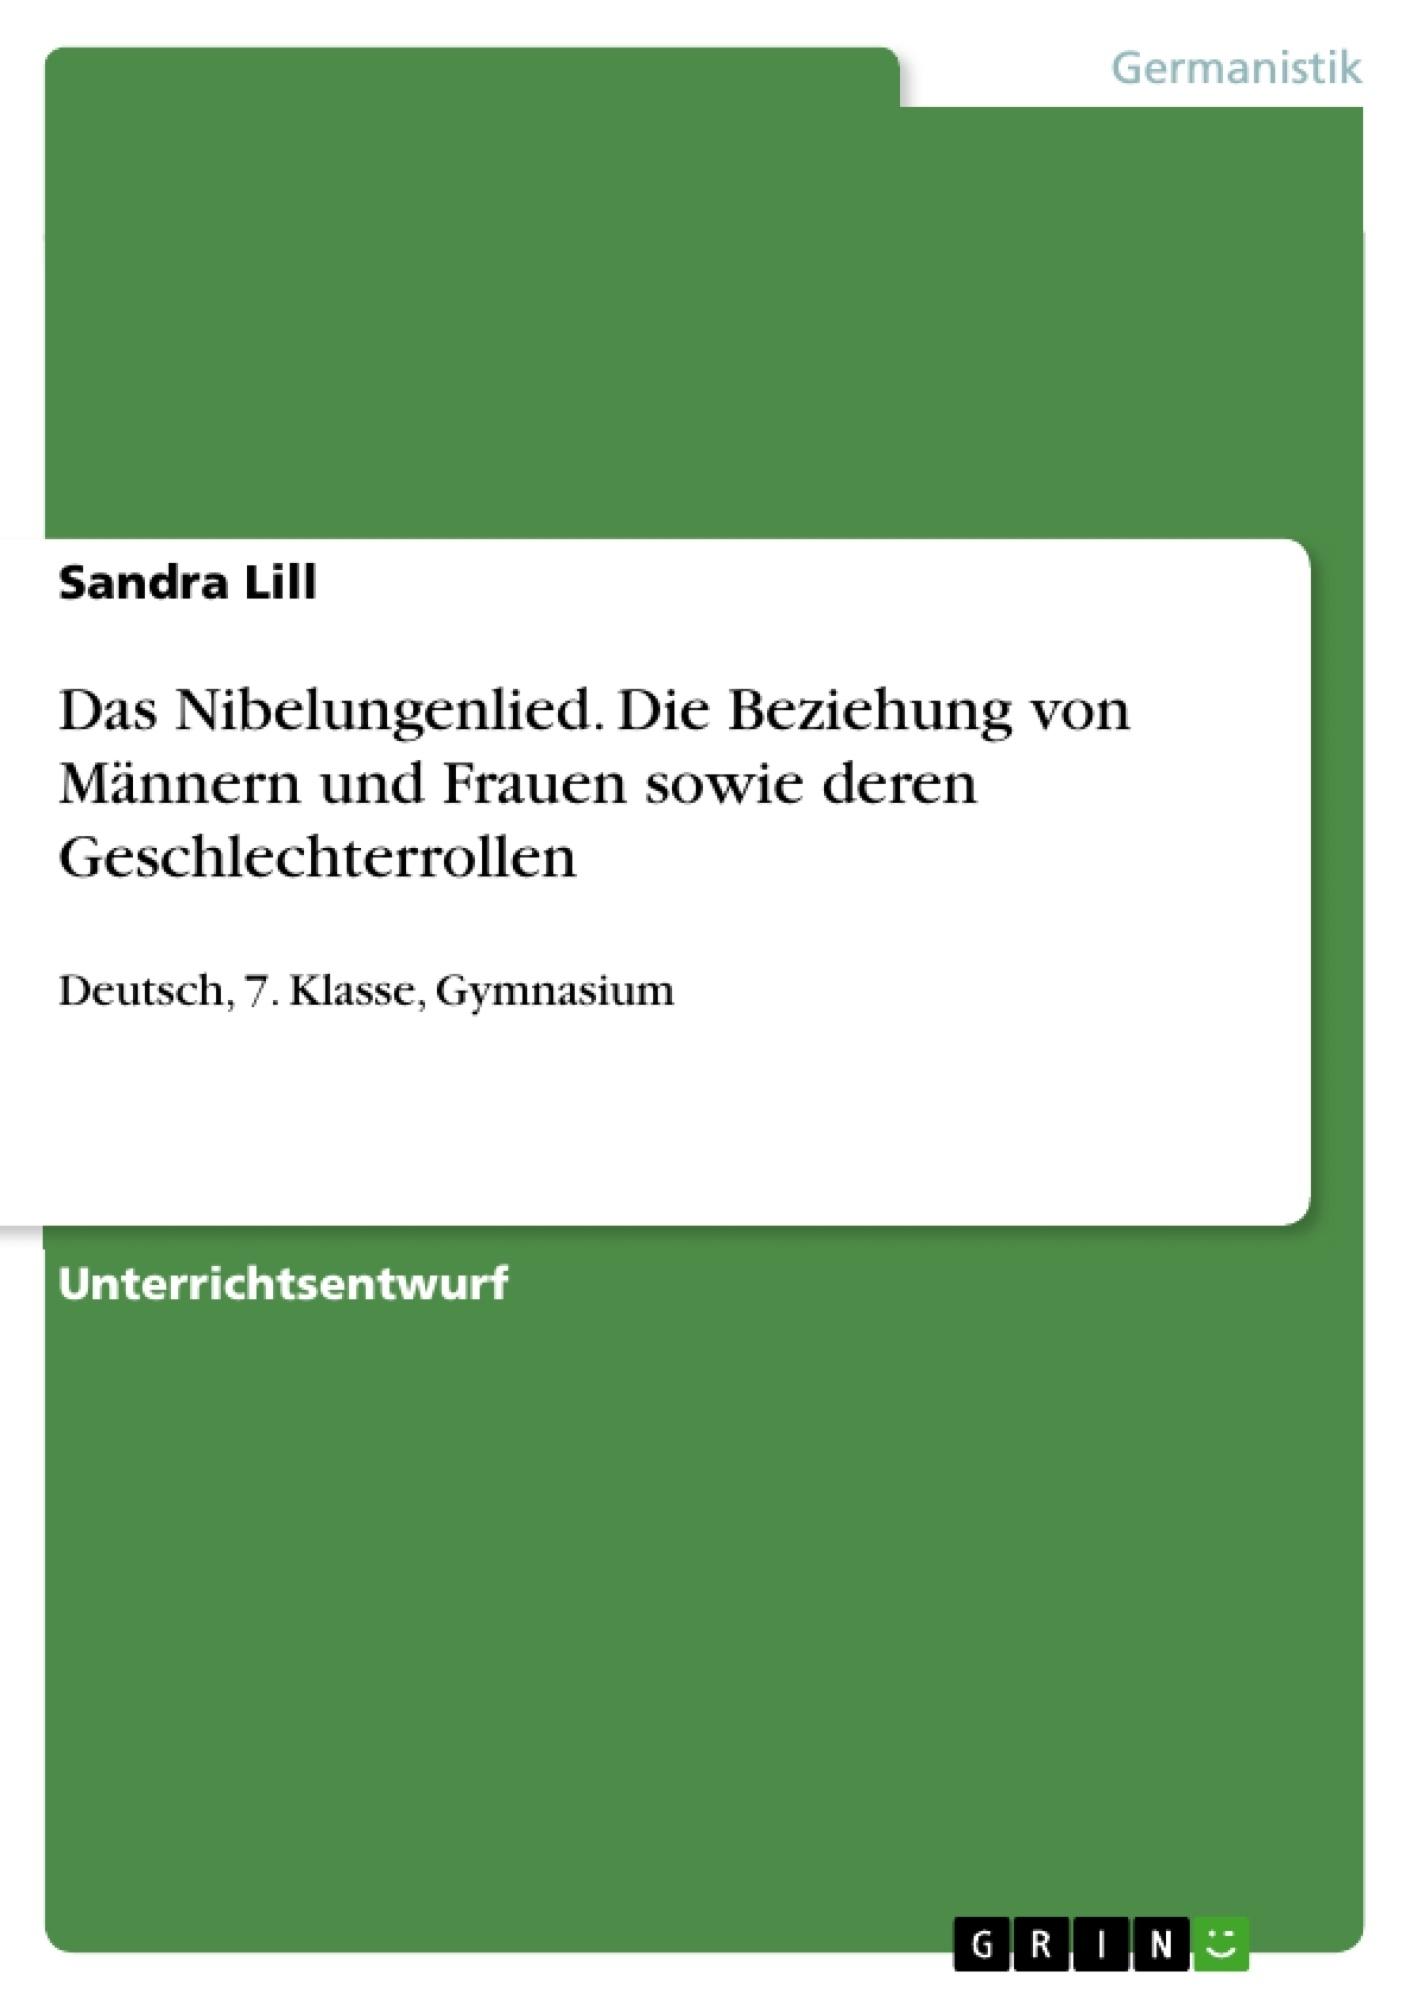 Titel: Das Nibelungenlied. Die Beziehung von Männern und Frauen sowie deren Geschlechterrollen